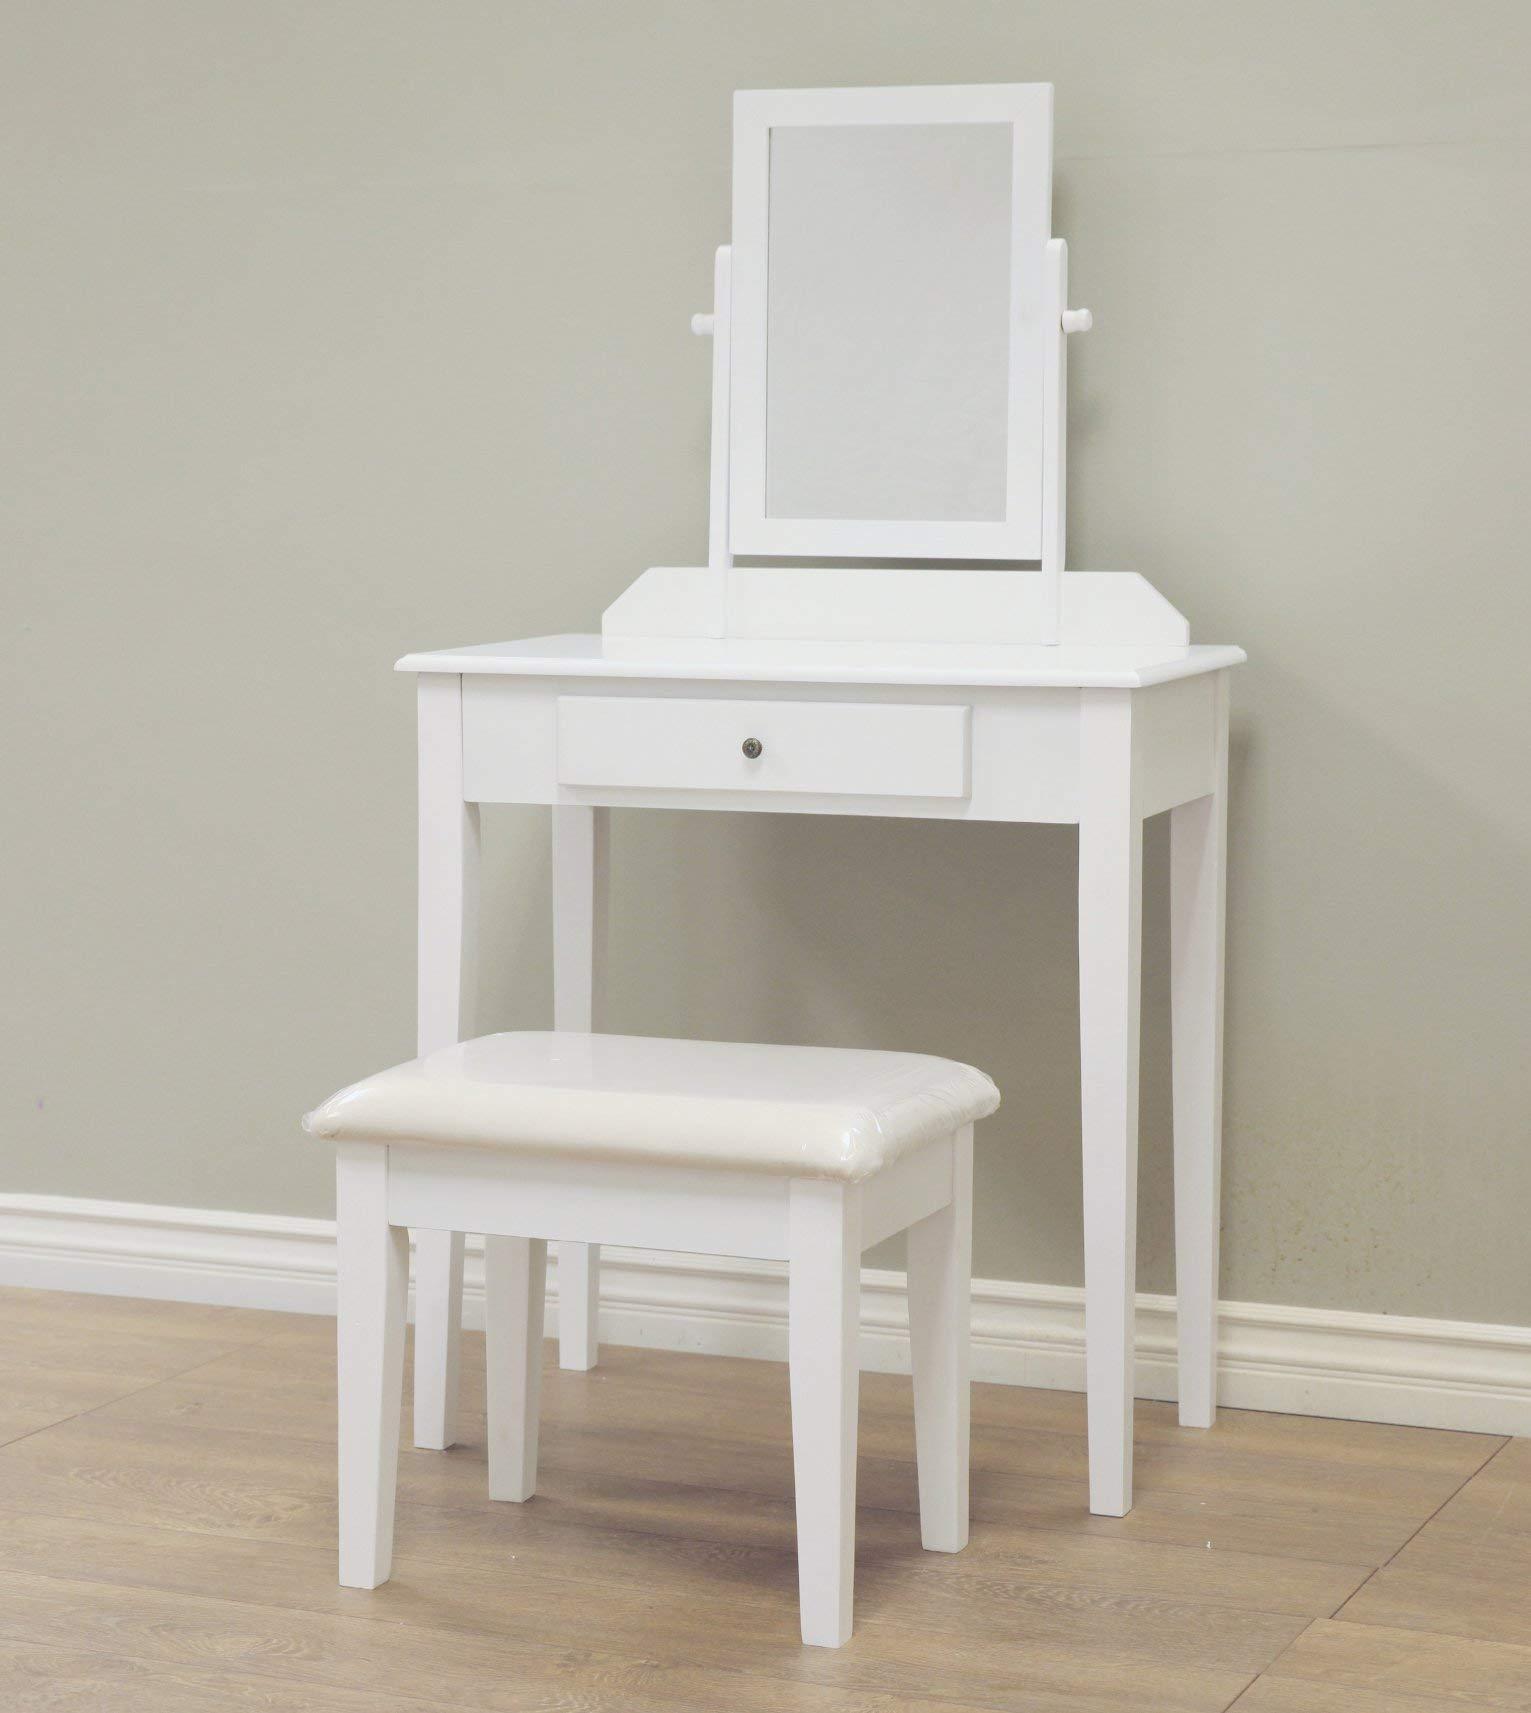 Frenchi Home Furnishing  3 Piece Wood Vanity Set by Frenchi Home Furnishing